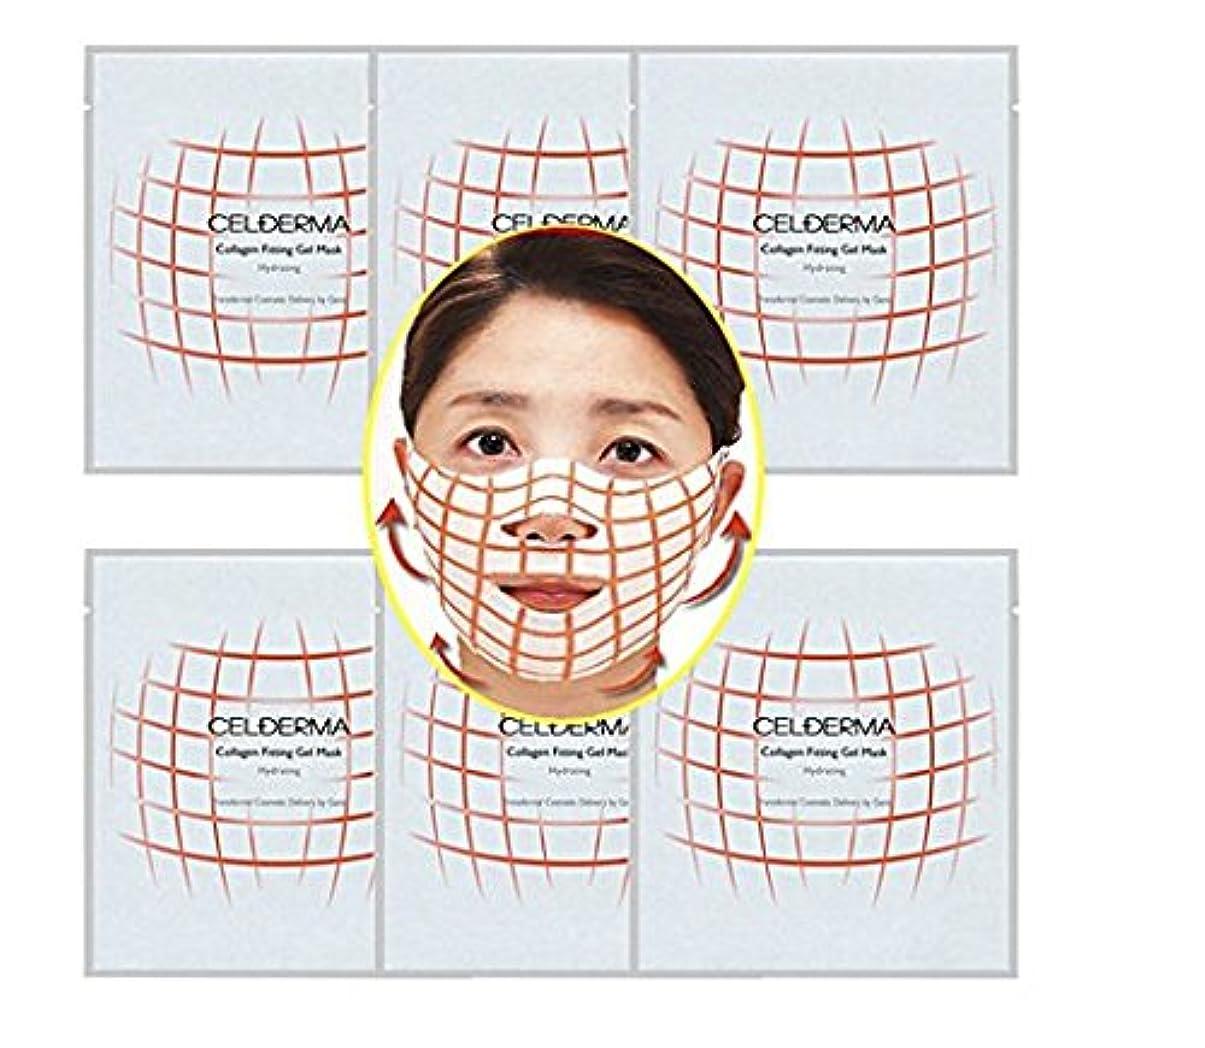 文法ラジカルシロクマ[セルドマ] Celderma コラーゲン フィッティング ハイドロゲル マスク ヒアルロン酸 ペプチド 肌の再生 シワ改善 美白 リフティング 海外直送品 (Collagen Fitting Hydrating Gel Mask Hyaluronic acid Peptide Skin Wrinkle Whitening Lifting effect) (10枚)